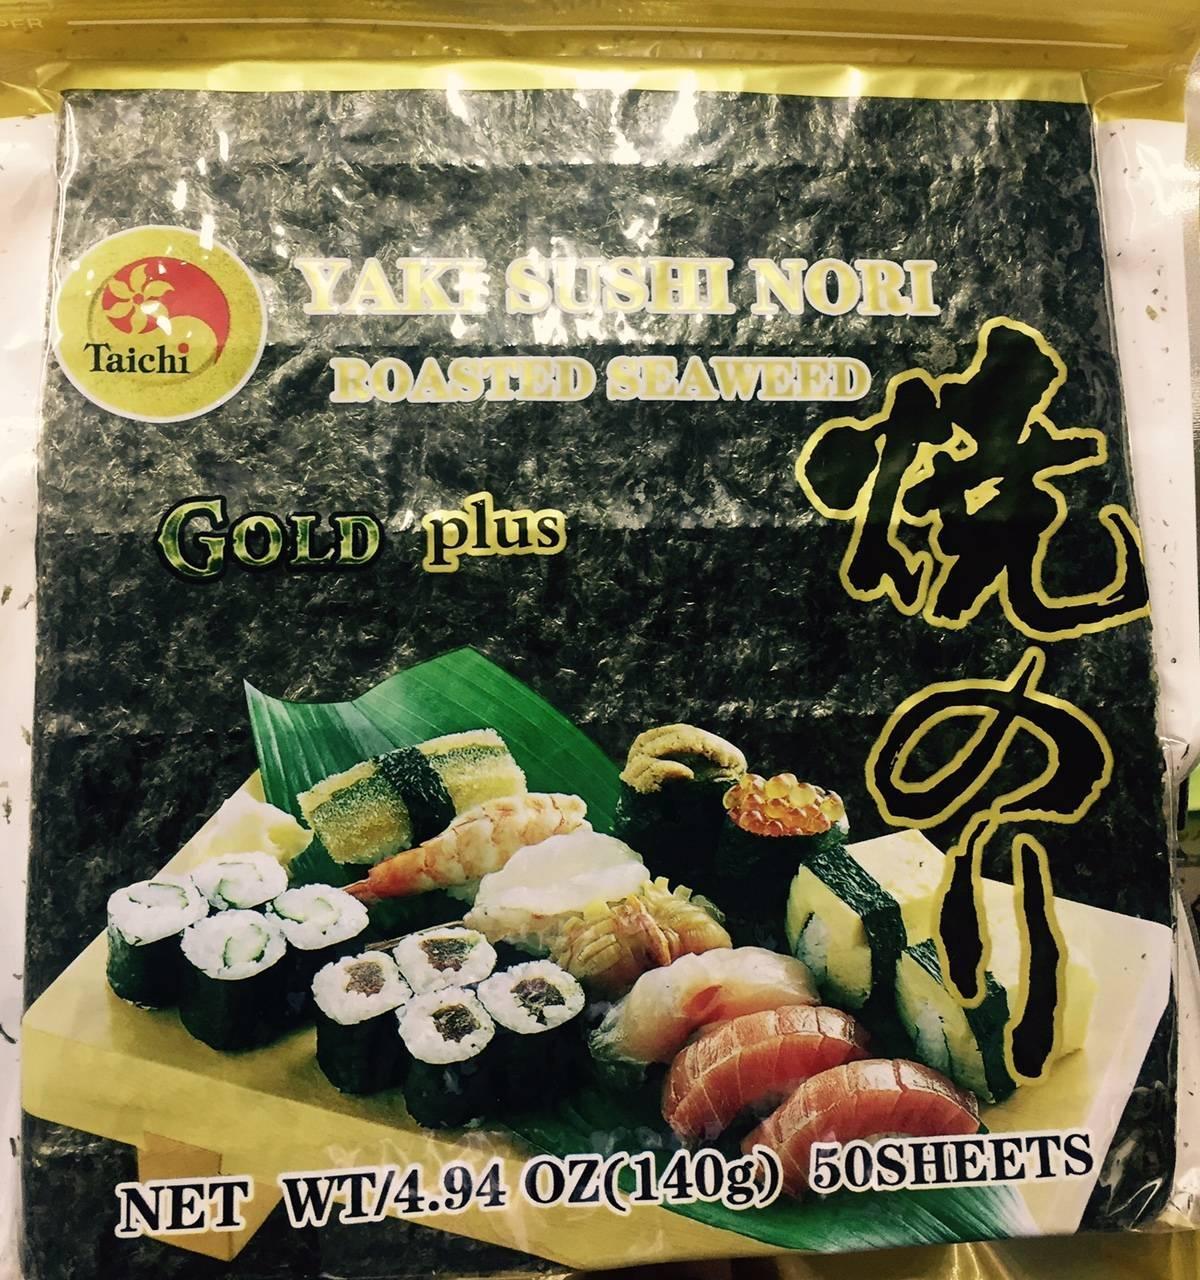 Yaki Sushi Nori Taichi (50 folhas) 140g